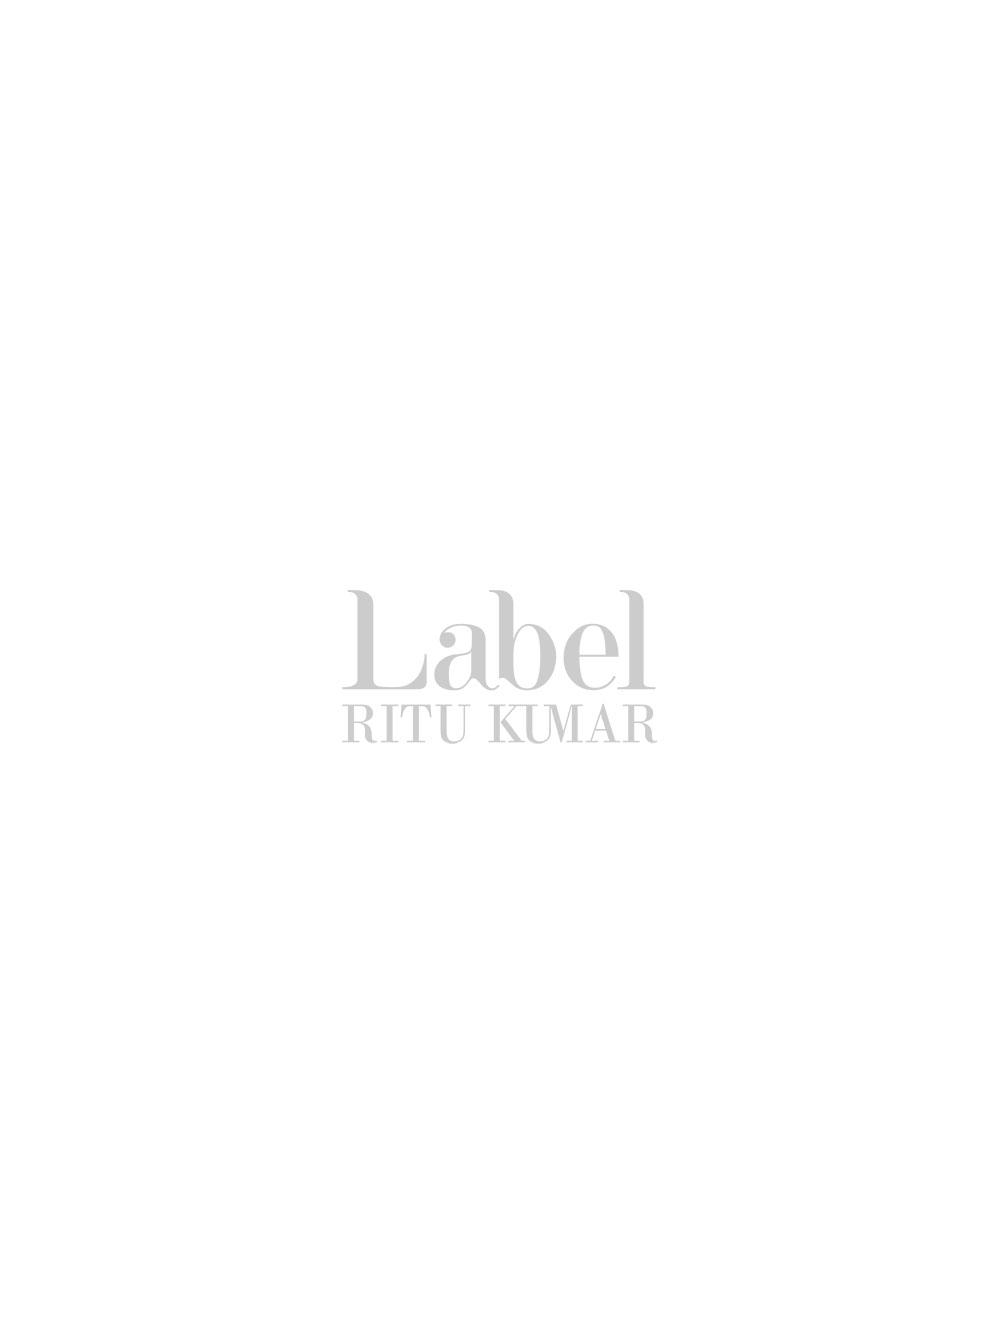 Designer Dresses by Label Ritu Kumar